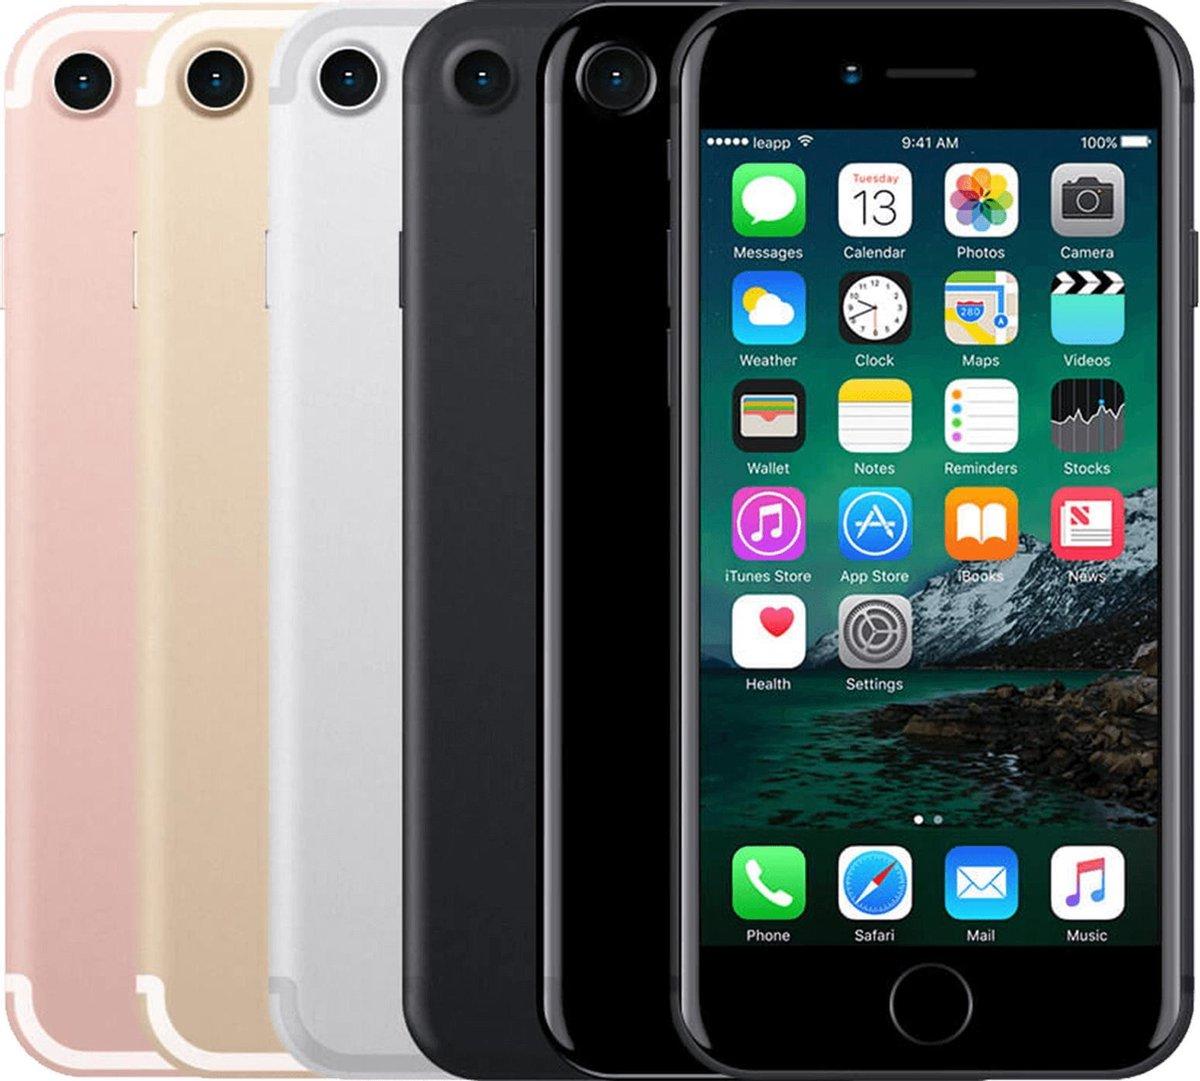 Apple iPhone 7 - Refurbished door Leapp - C grade (Zichtbare gebruikssporen) - 128GB - Rood